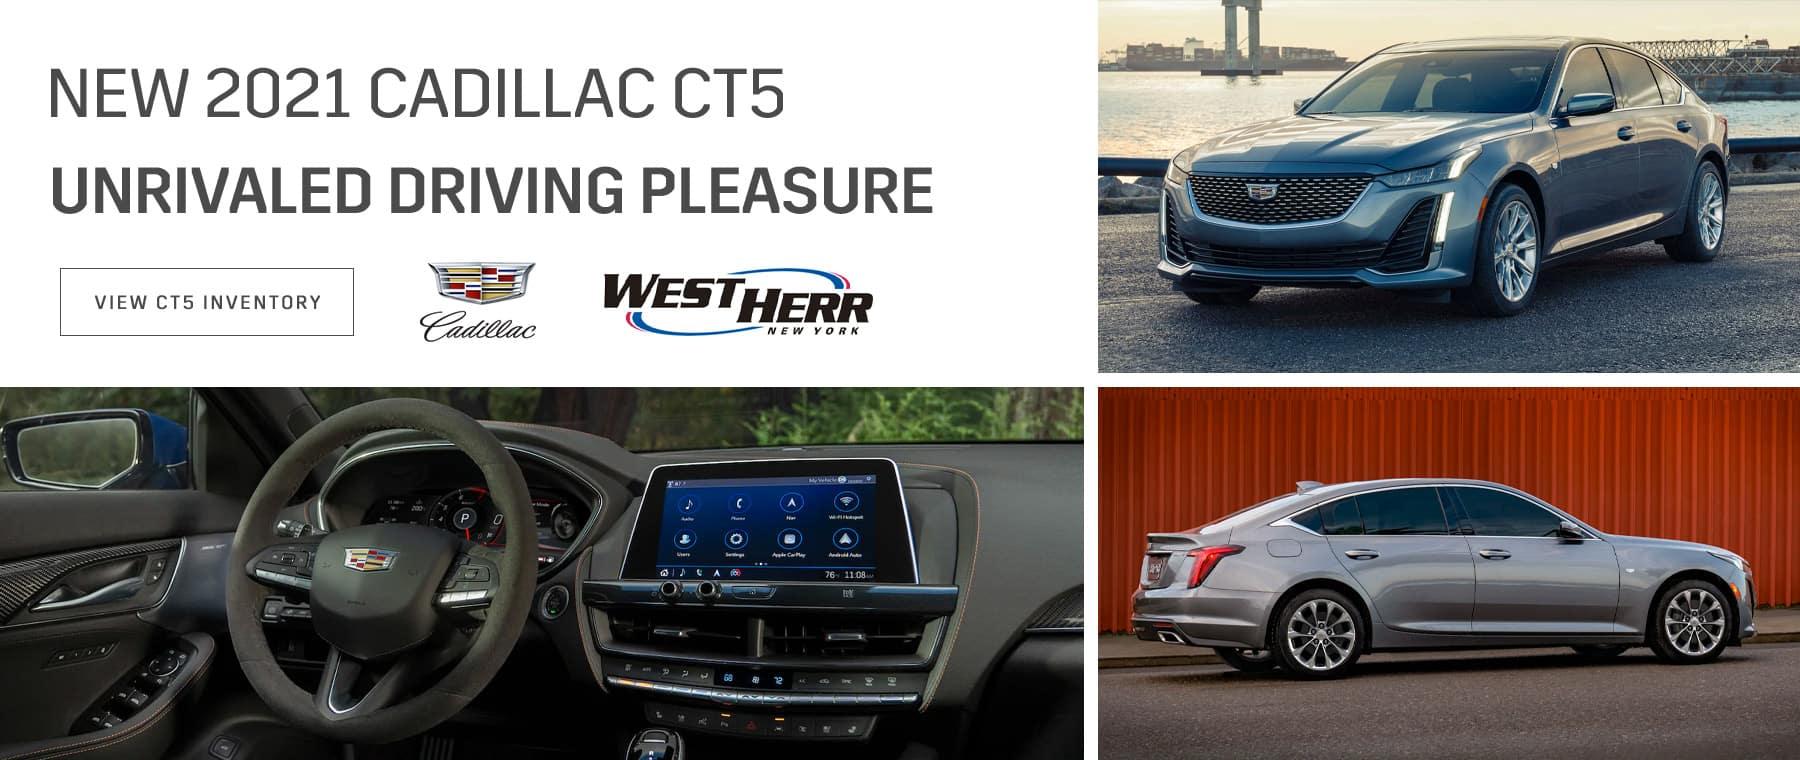 New 2021 Cadillac CT5